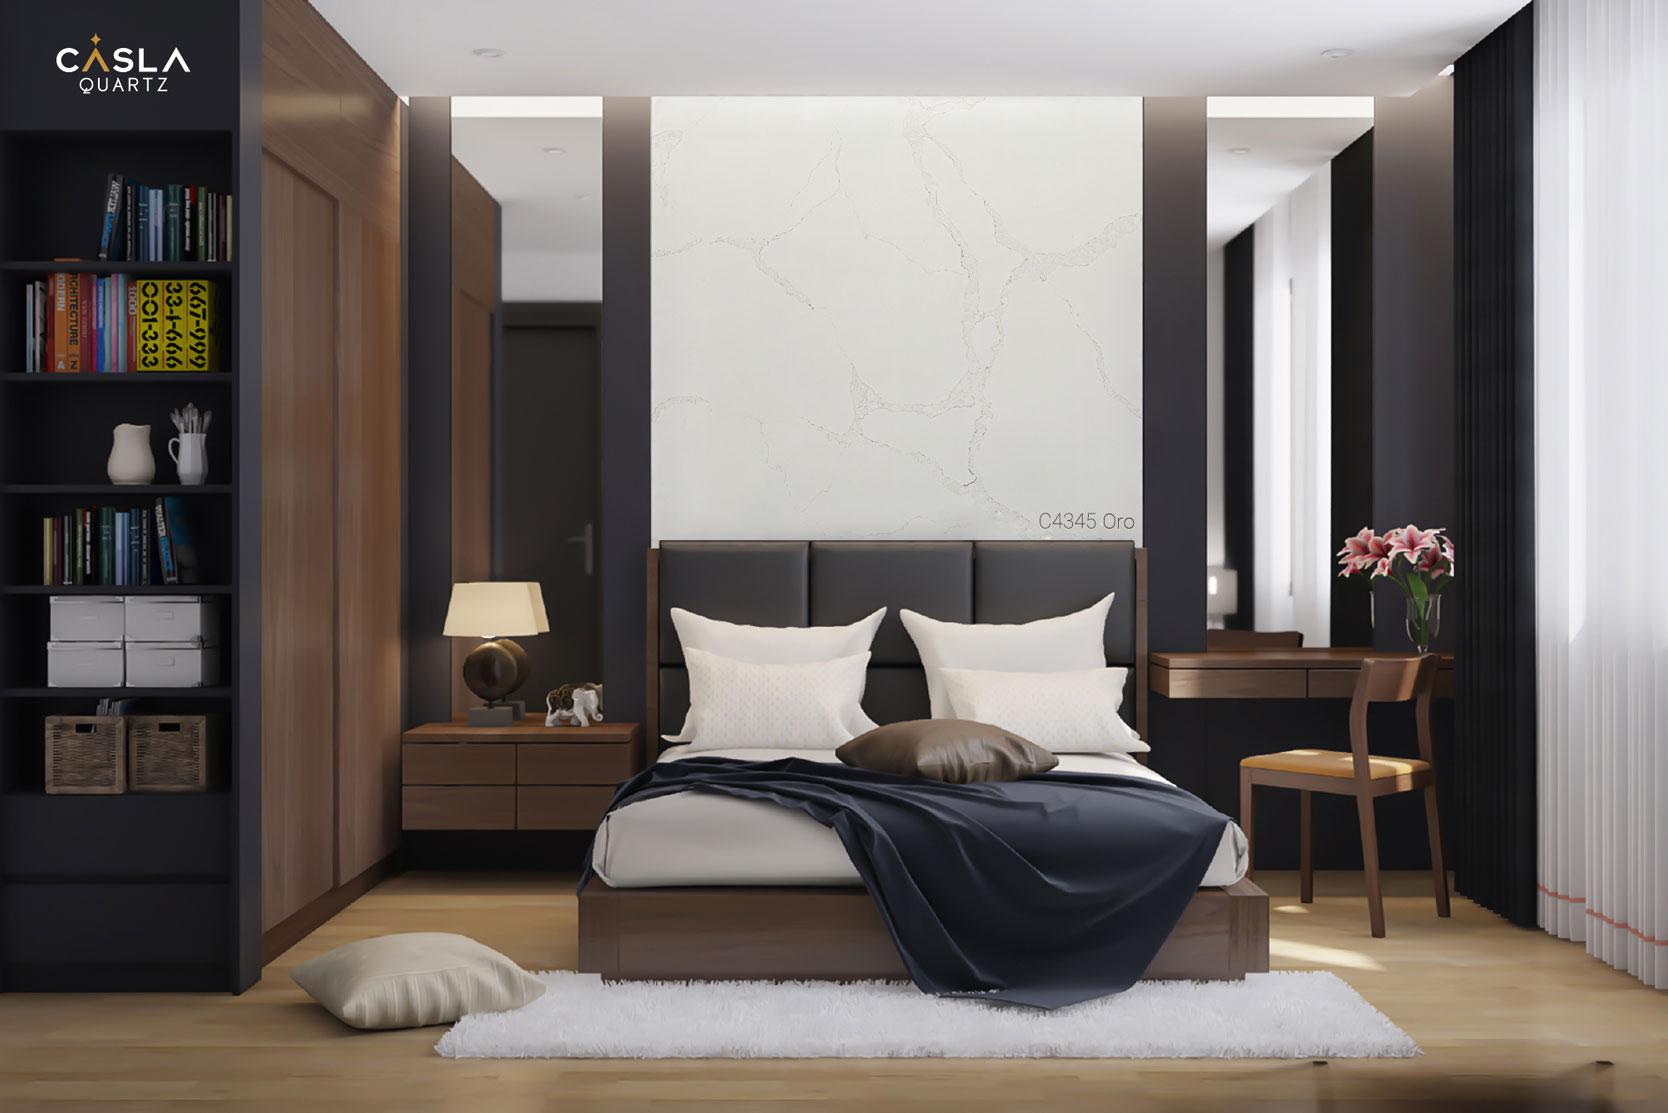 Đá thạch anh nhân tạo Oro ốp tường phòng ngủ